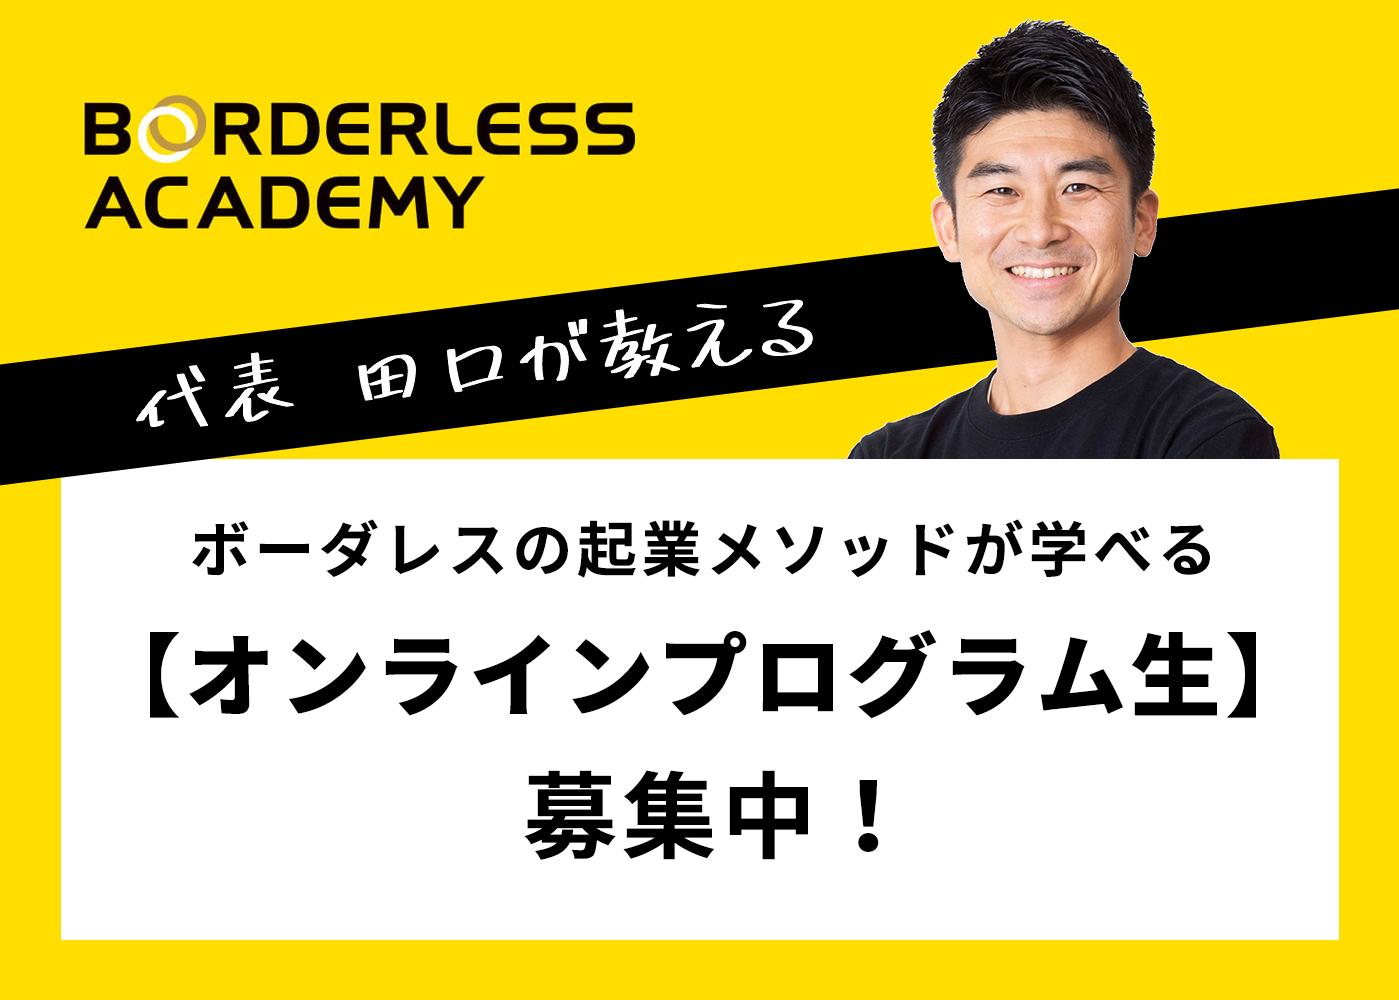 バナー:ボーダレスアカデミー ボーダレスの企業メソッドが学べるオンラインプログラム新設!